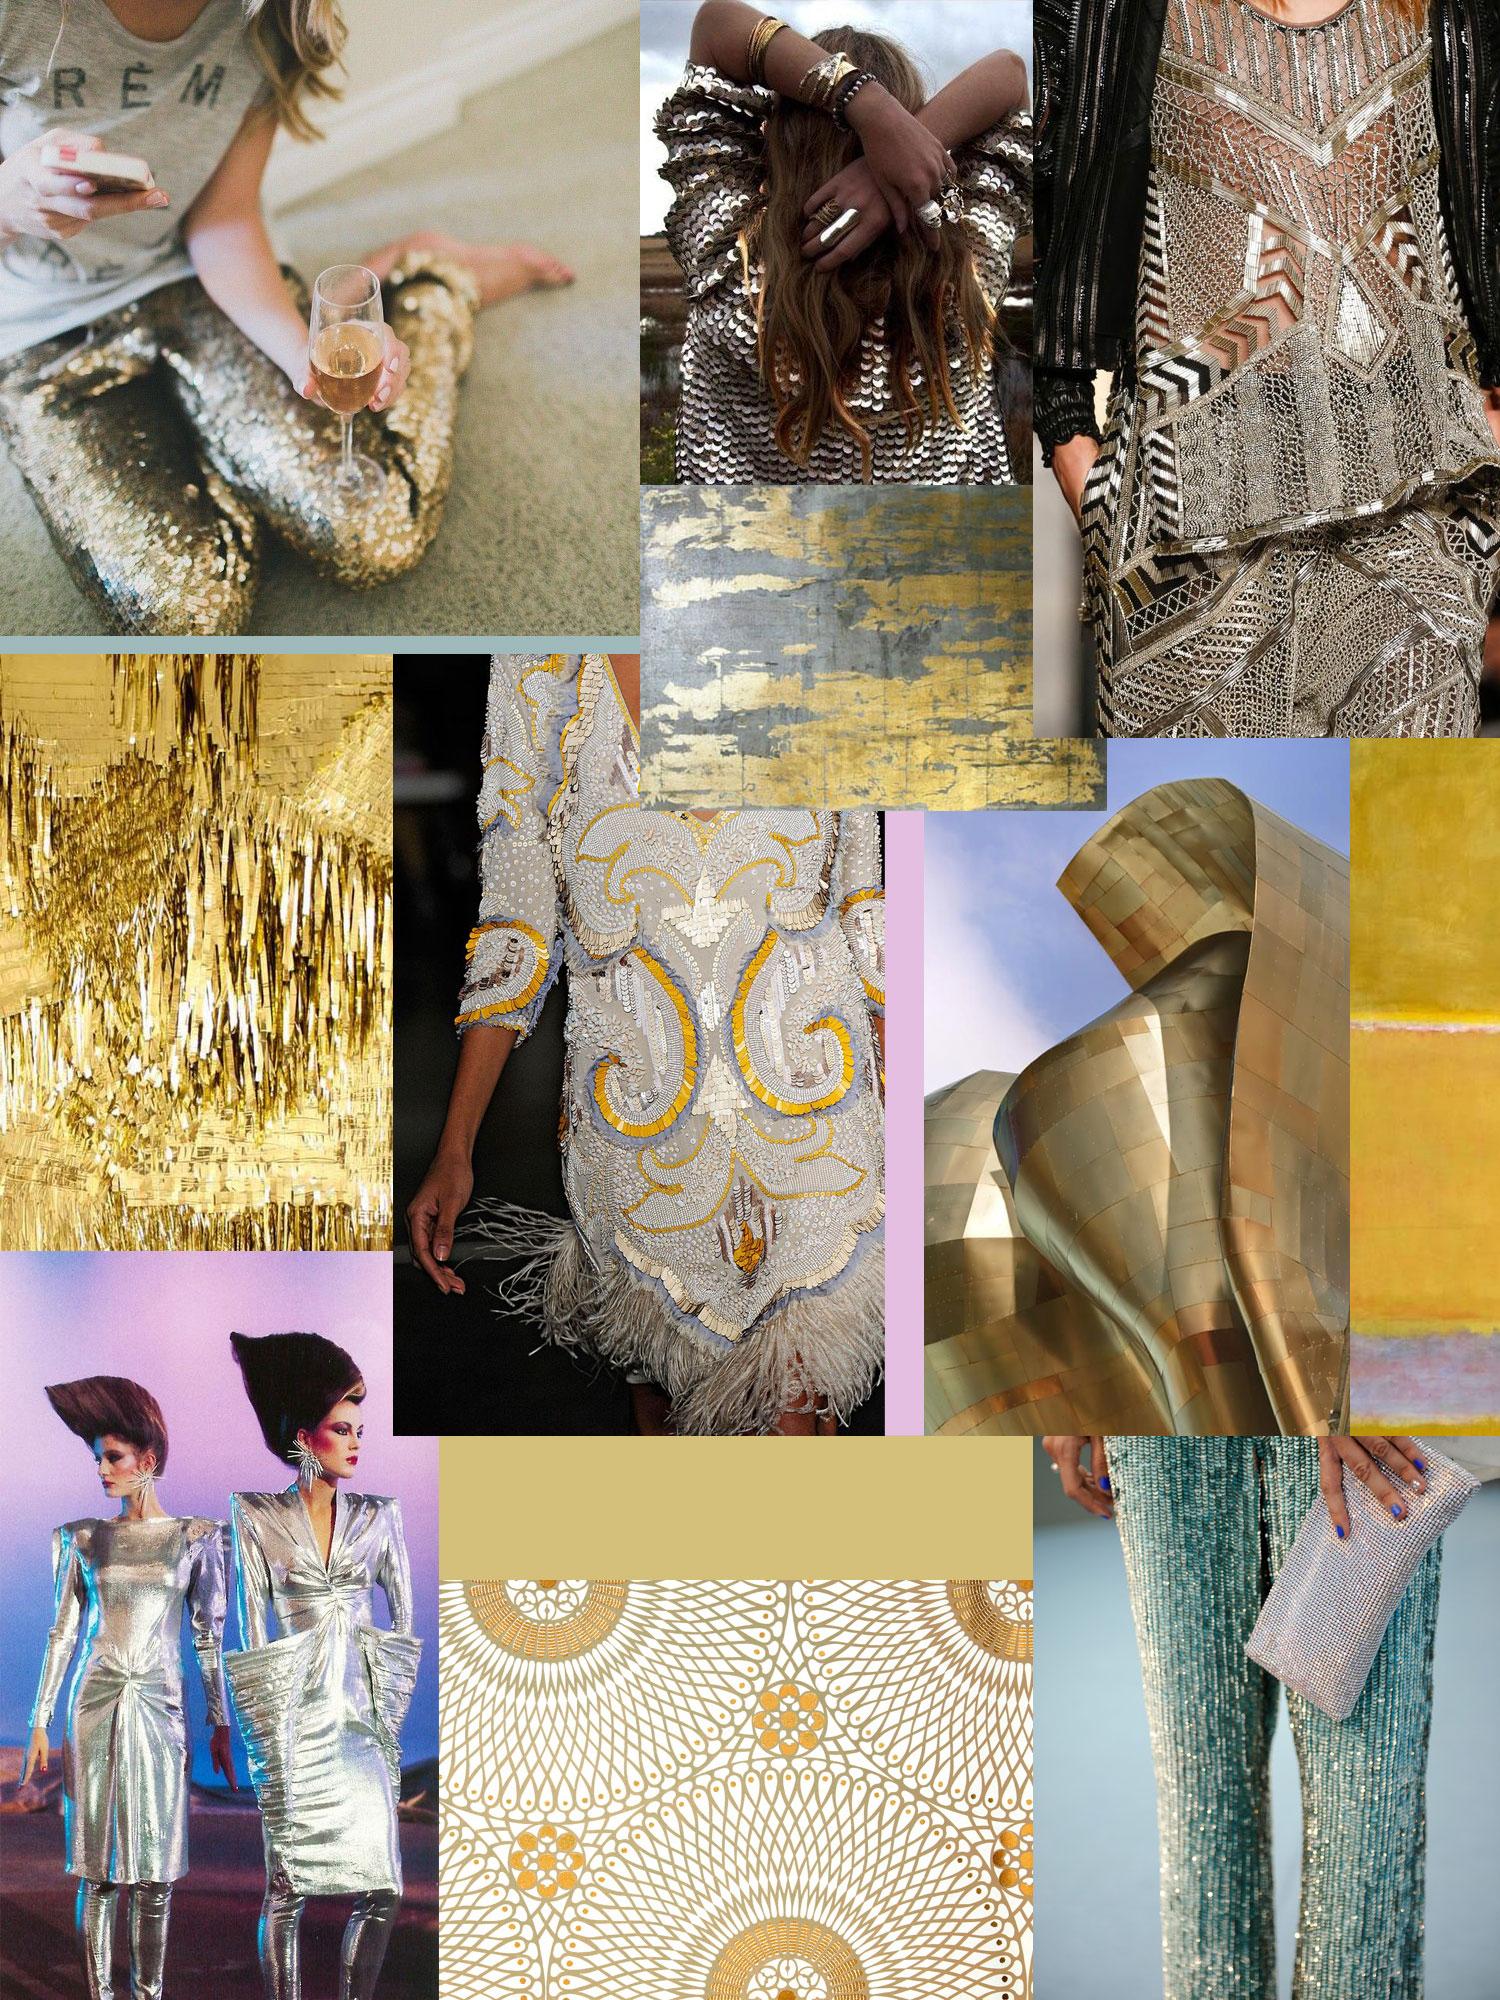 Metallics Collage by Liz Nehdi, 2014